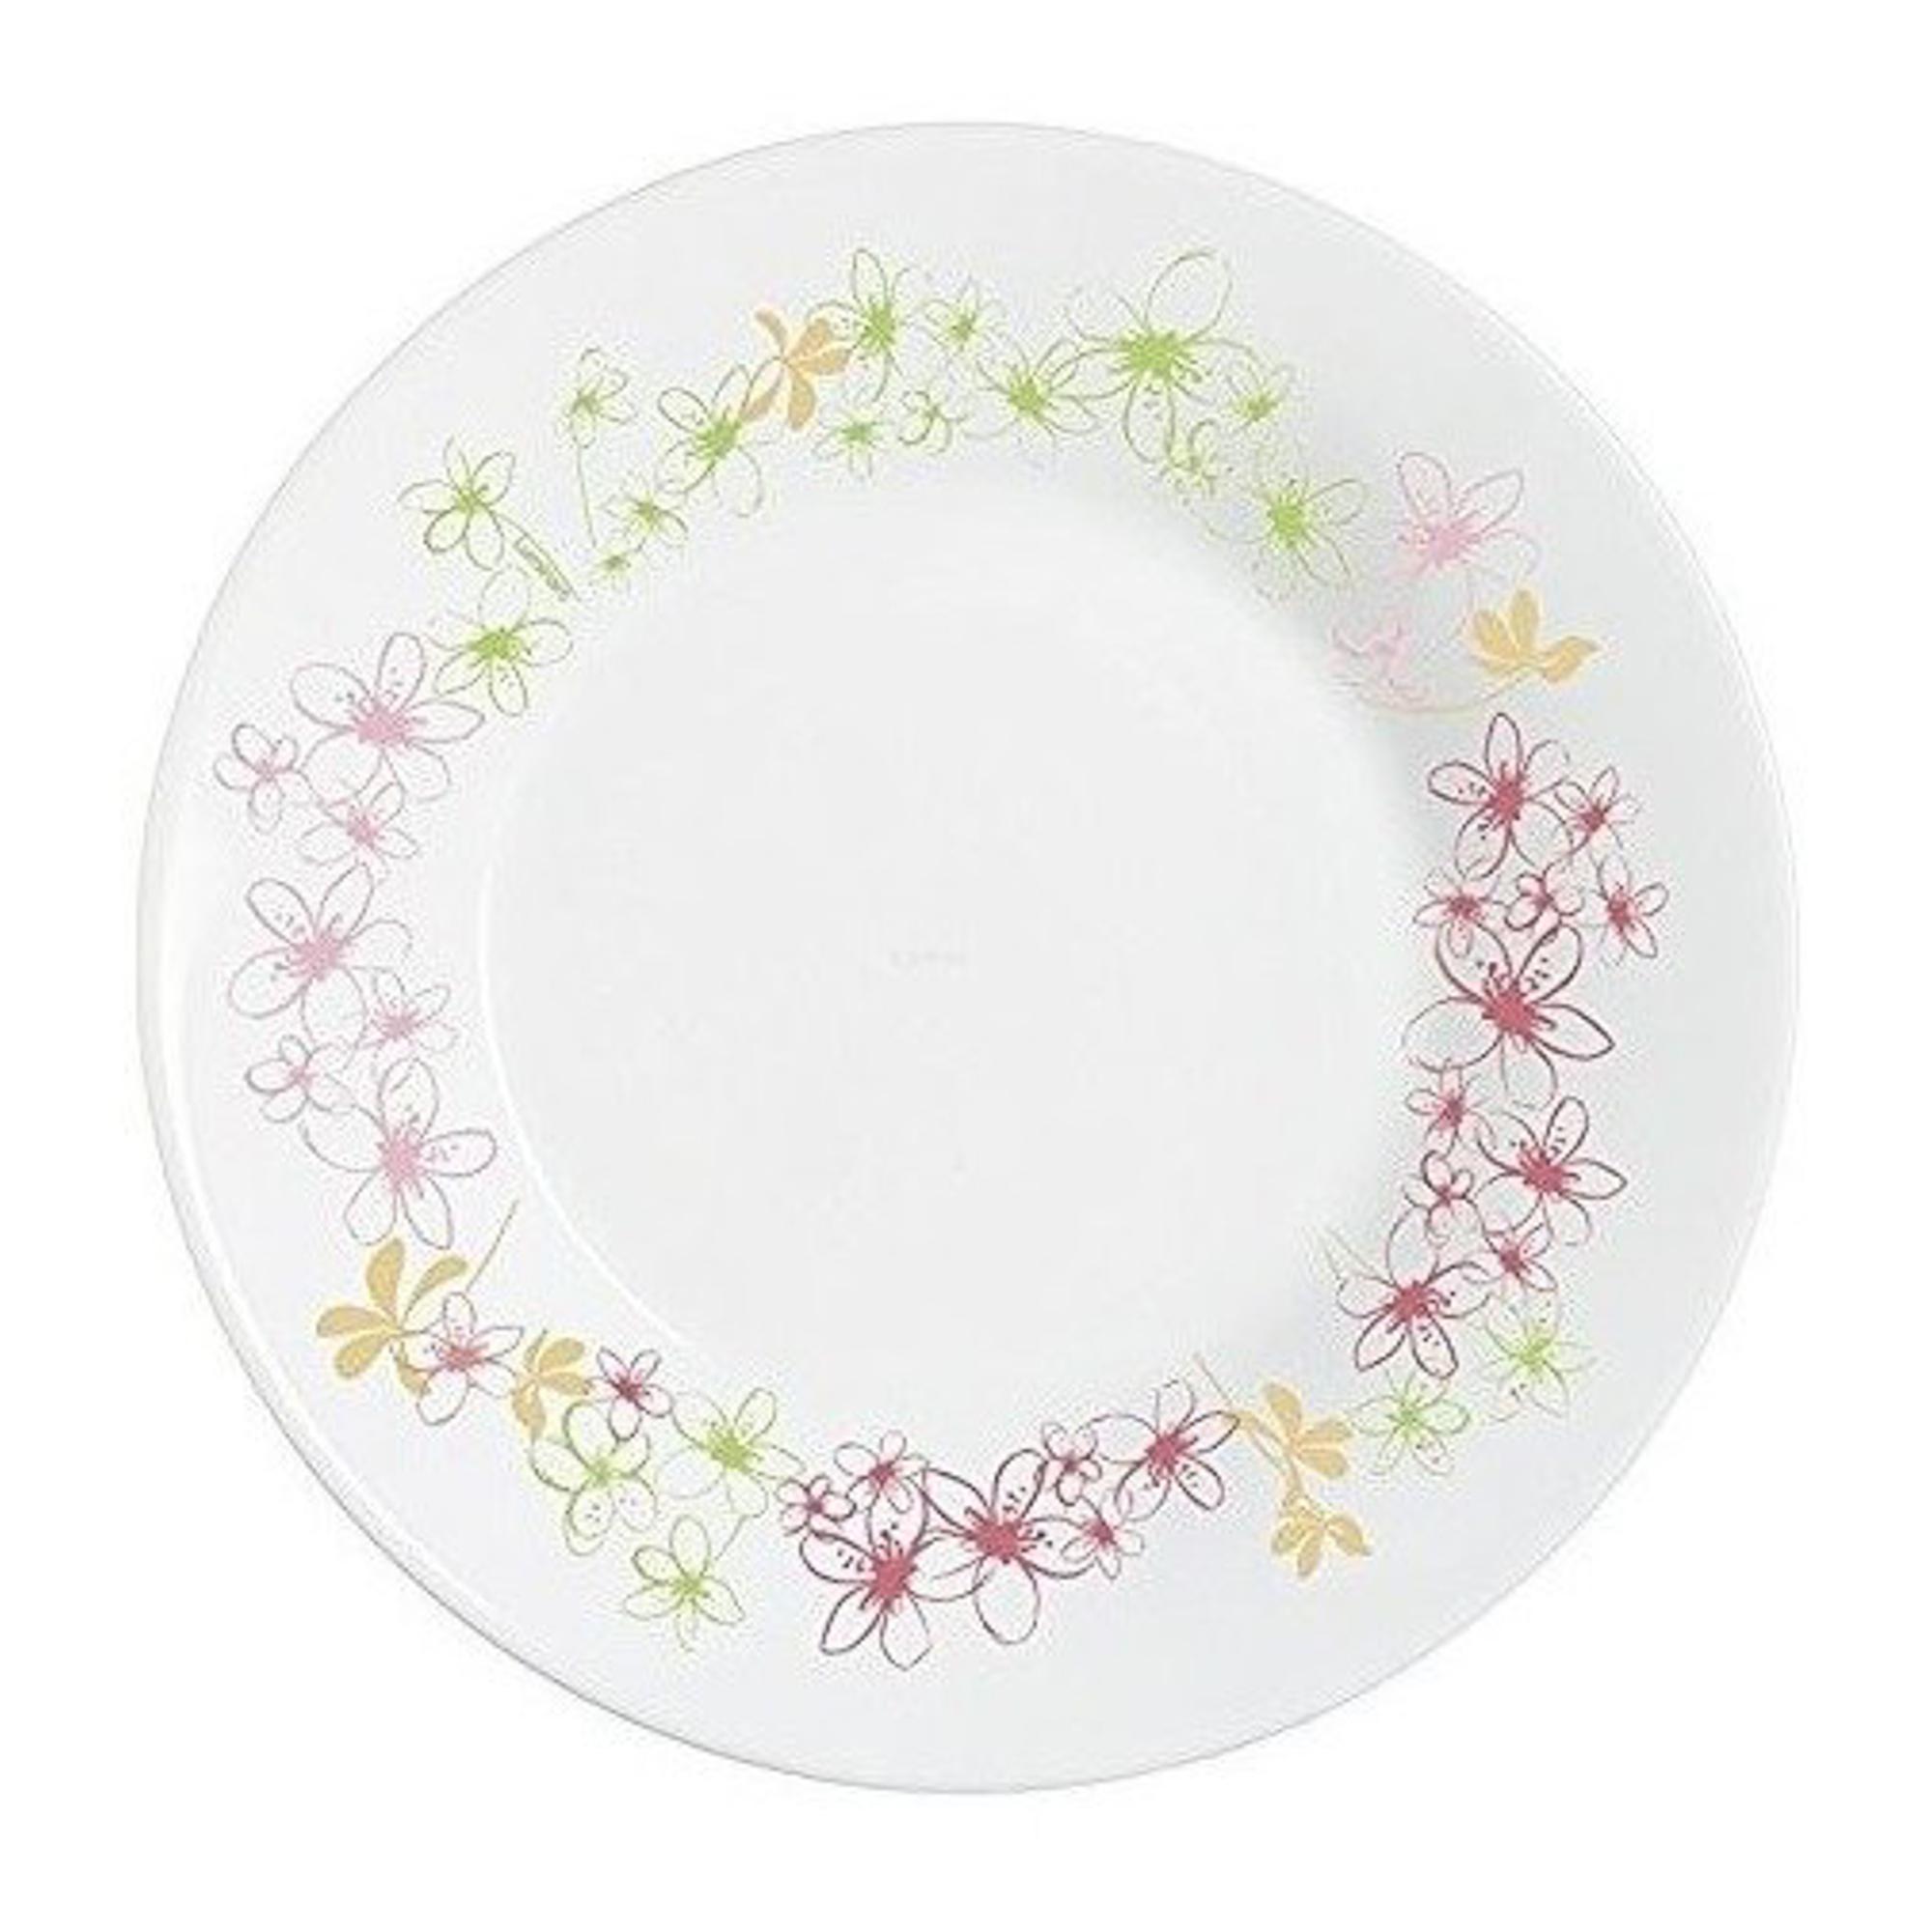 Тарелка суповая Luminarc Ipomee 23 см тарелка суповая luminarc harena black 23 5 см